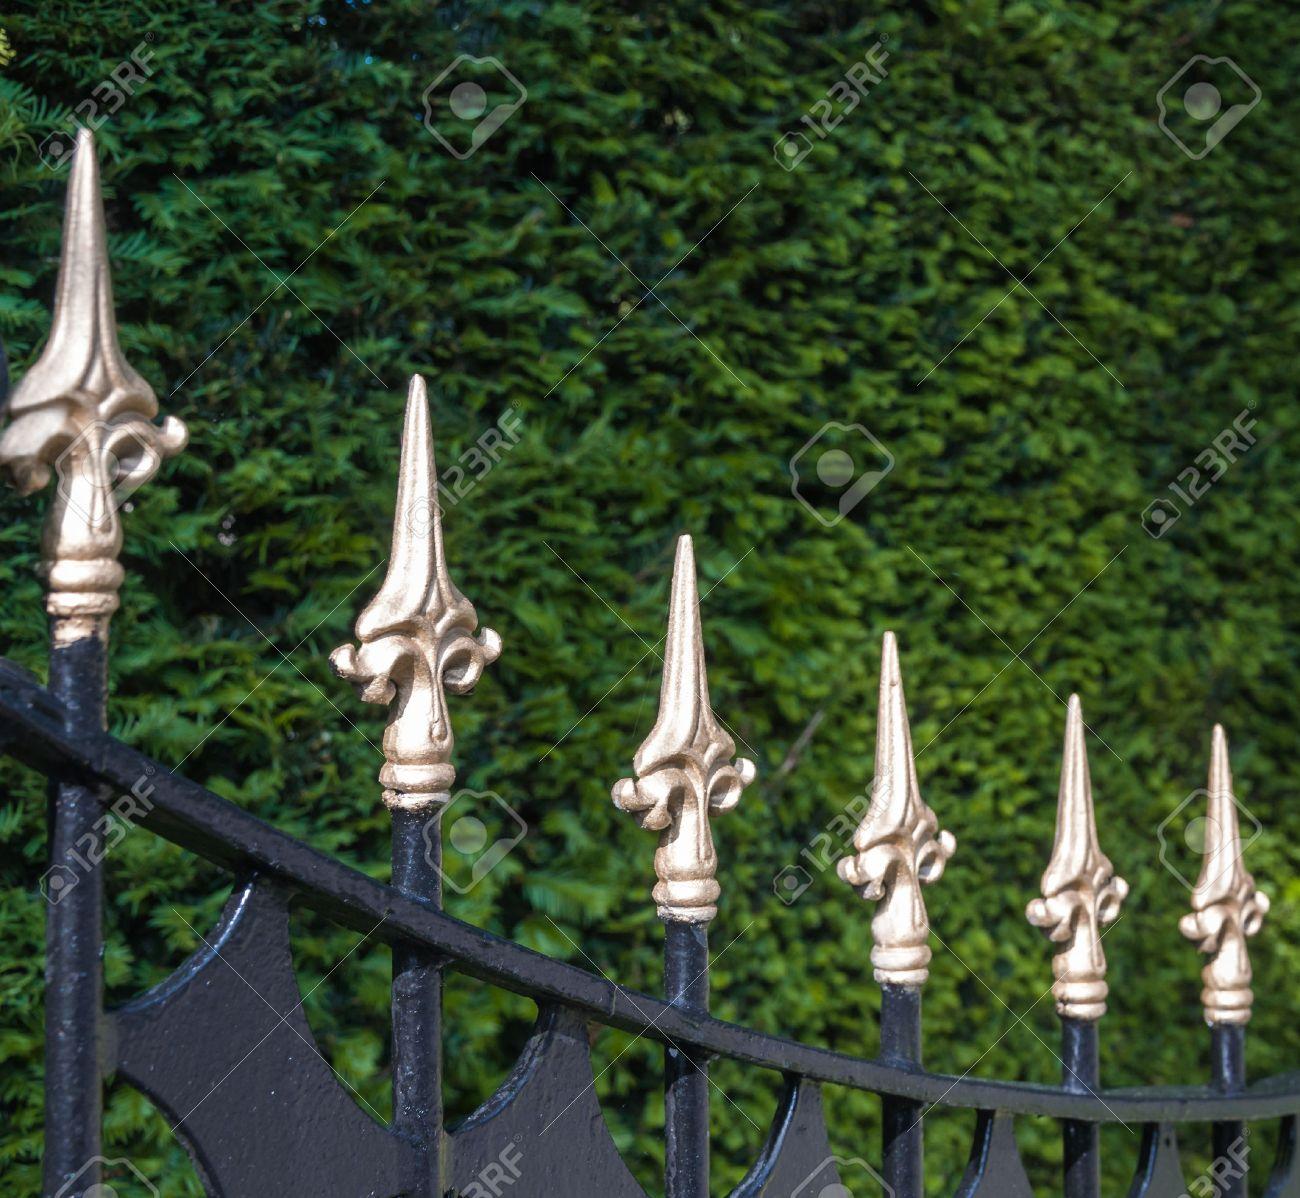 gros plan d'une peinture noire clôture en fer forgé avec des pointes